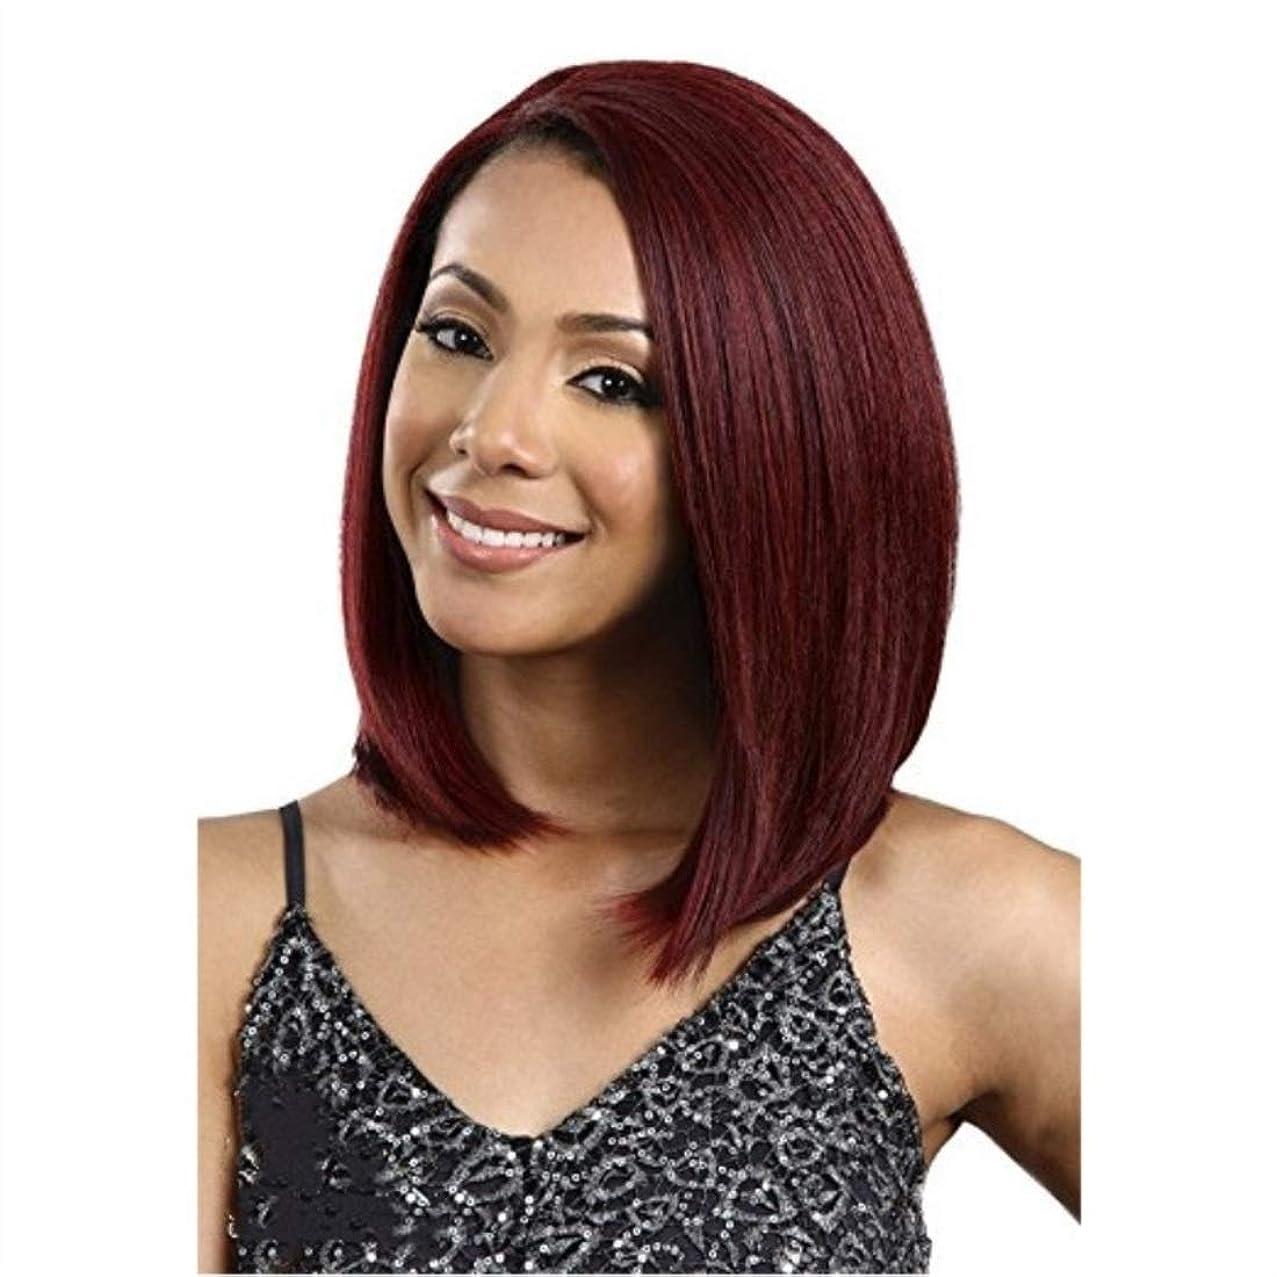 登録する合計不純Summerys 女性のための前髪の髪のかつらとミディアムストレートヘアレッドウィッグヘッドギア耐熱合成かつら